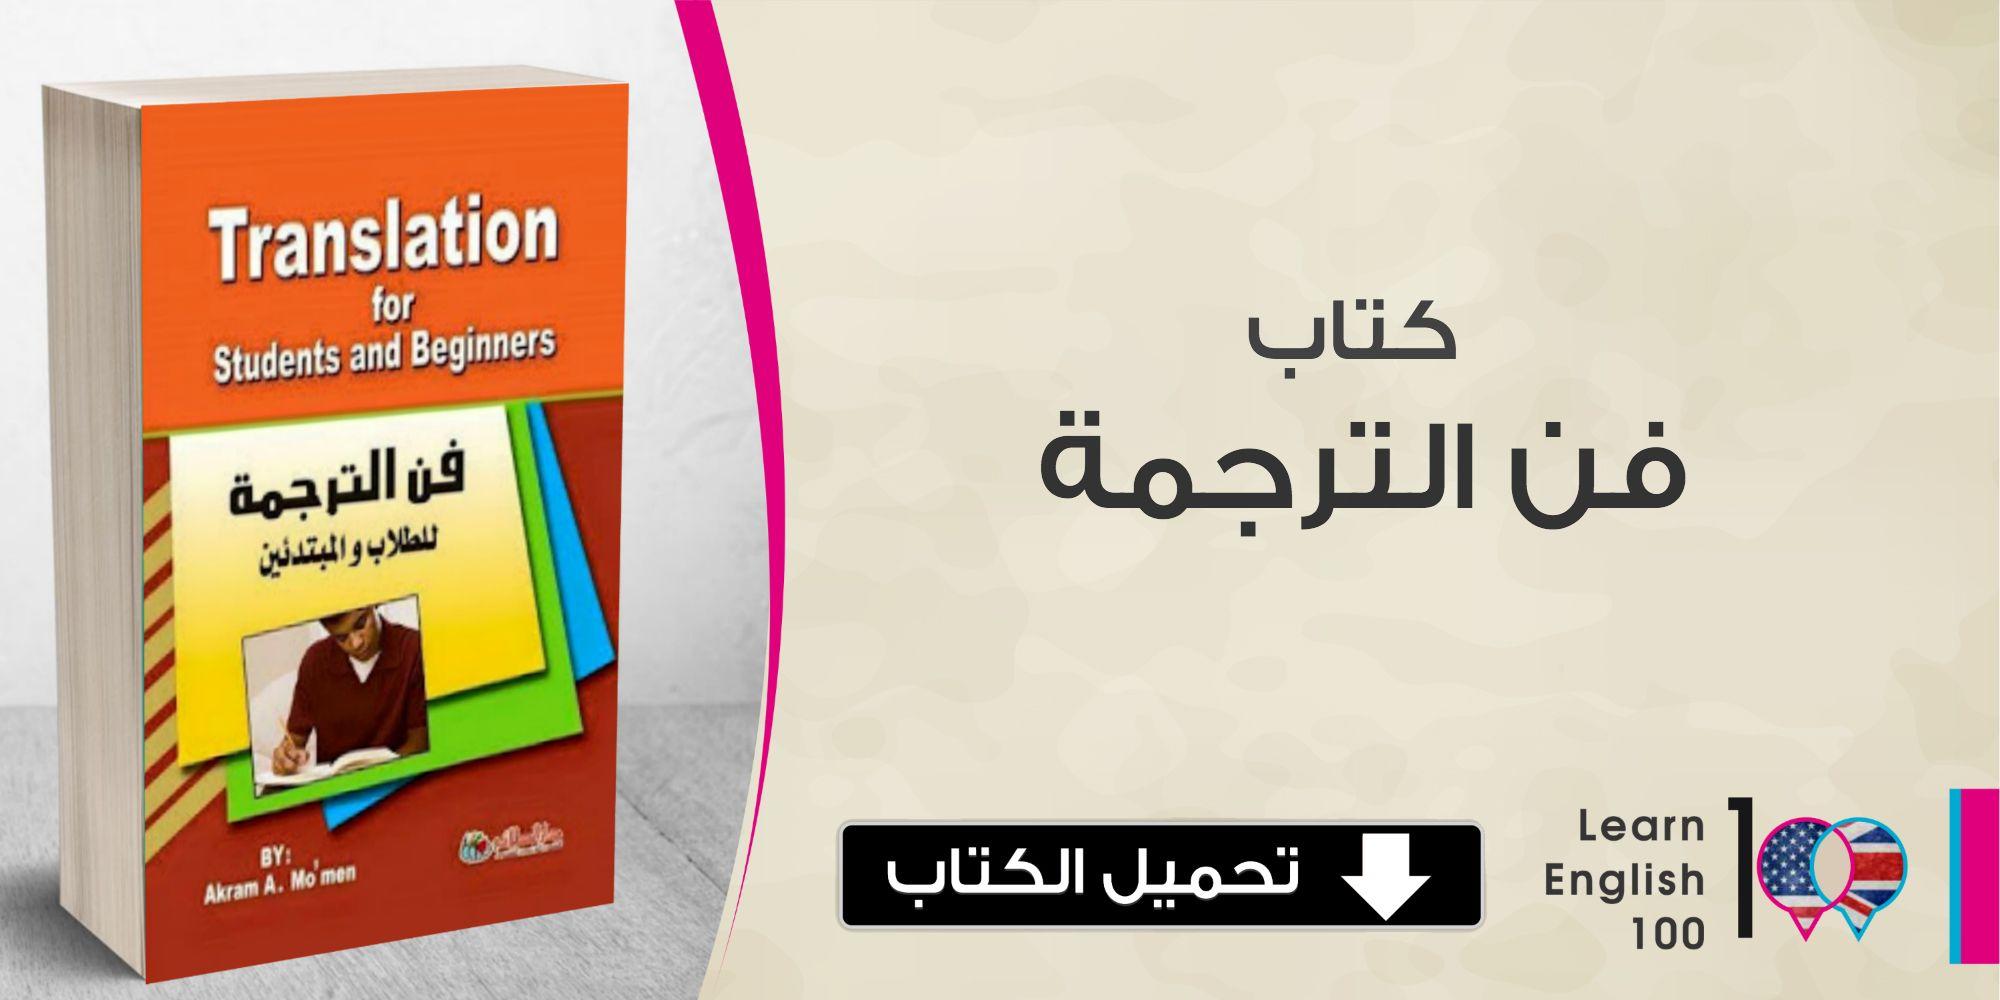 كتاب فن الترجمة من الانجليزية الى العربية pdf